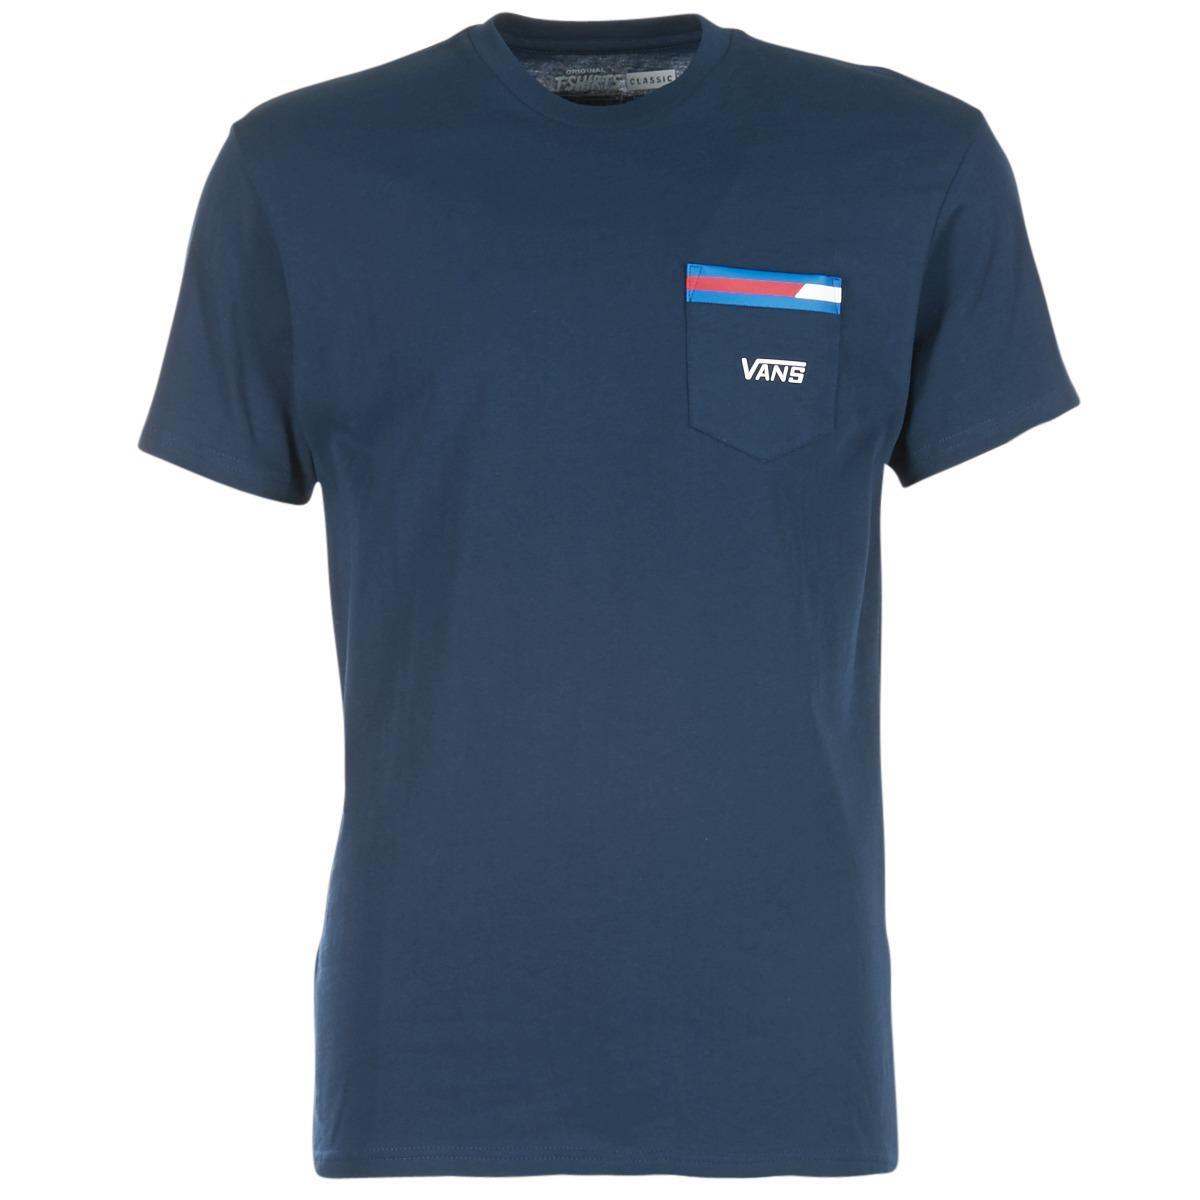 977e41f36c Vans Block Stripe Pocket Tee T Shirt in Blue for Men - Lyst